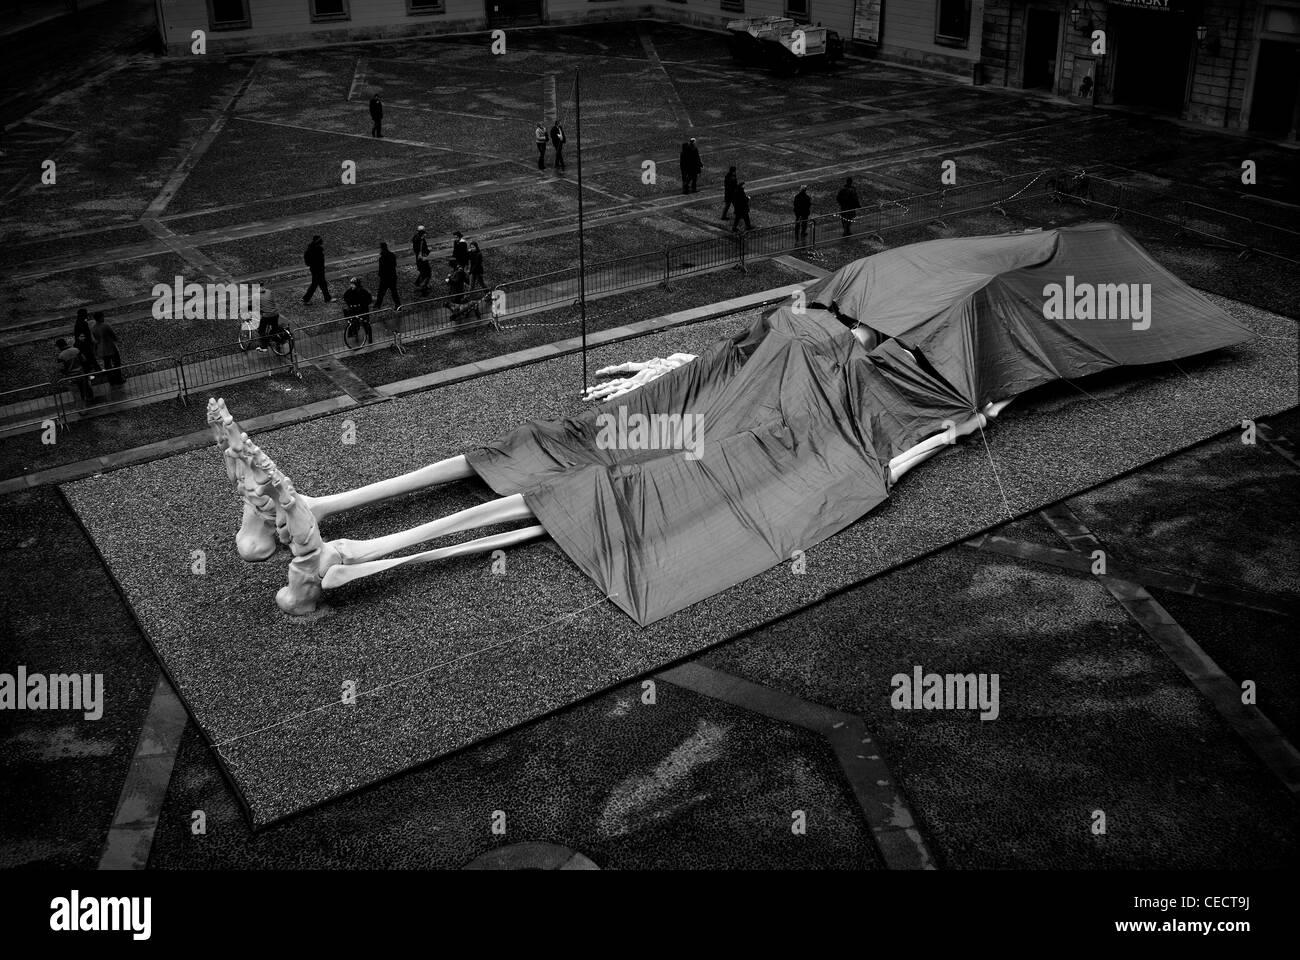 Mailand, Italien. Großes Skelett auf öffentlichen Platz Stockbild